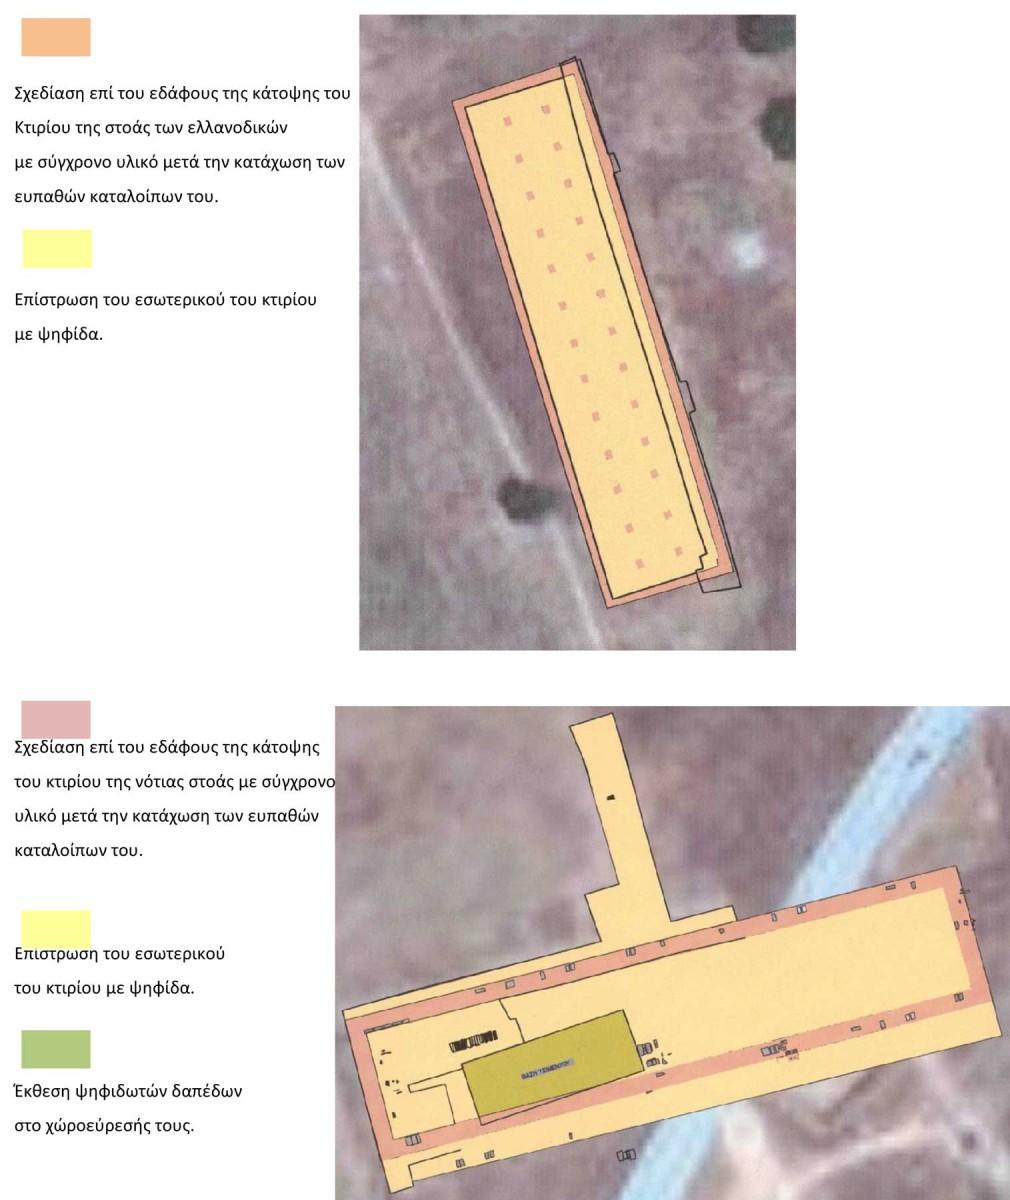 Εικ. 1. Σχεδιαστική απεικόνιση της πρότασης διαχείρισης της στοάς των ελλανοδικών (πάνω), της νότιας στοάς (κάτω).